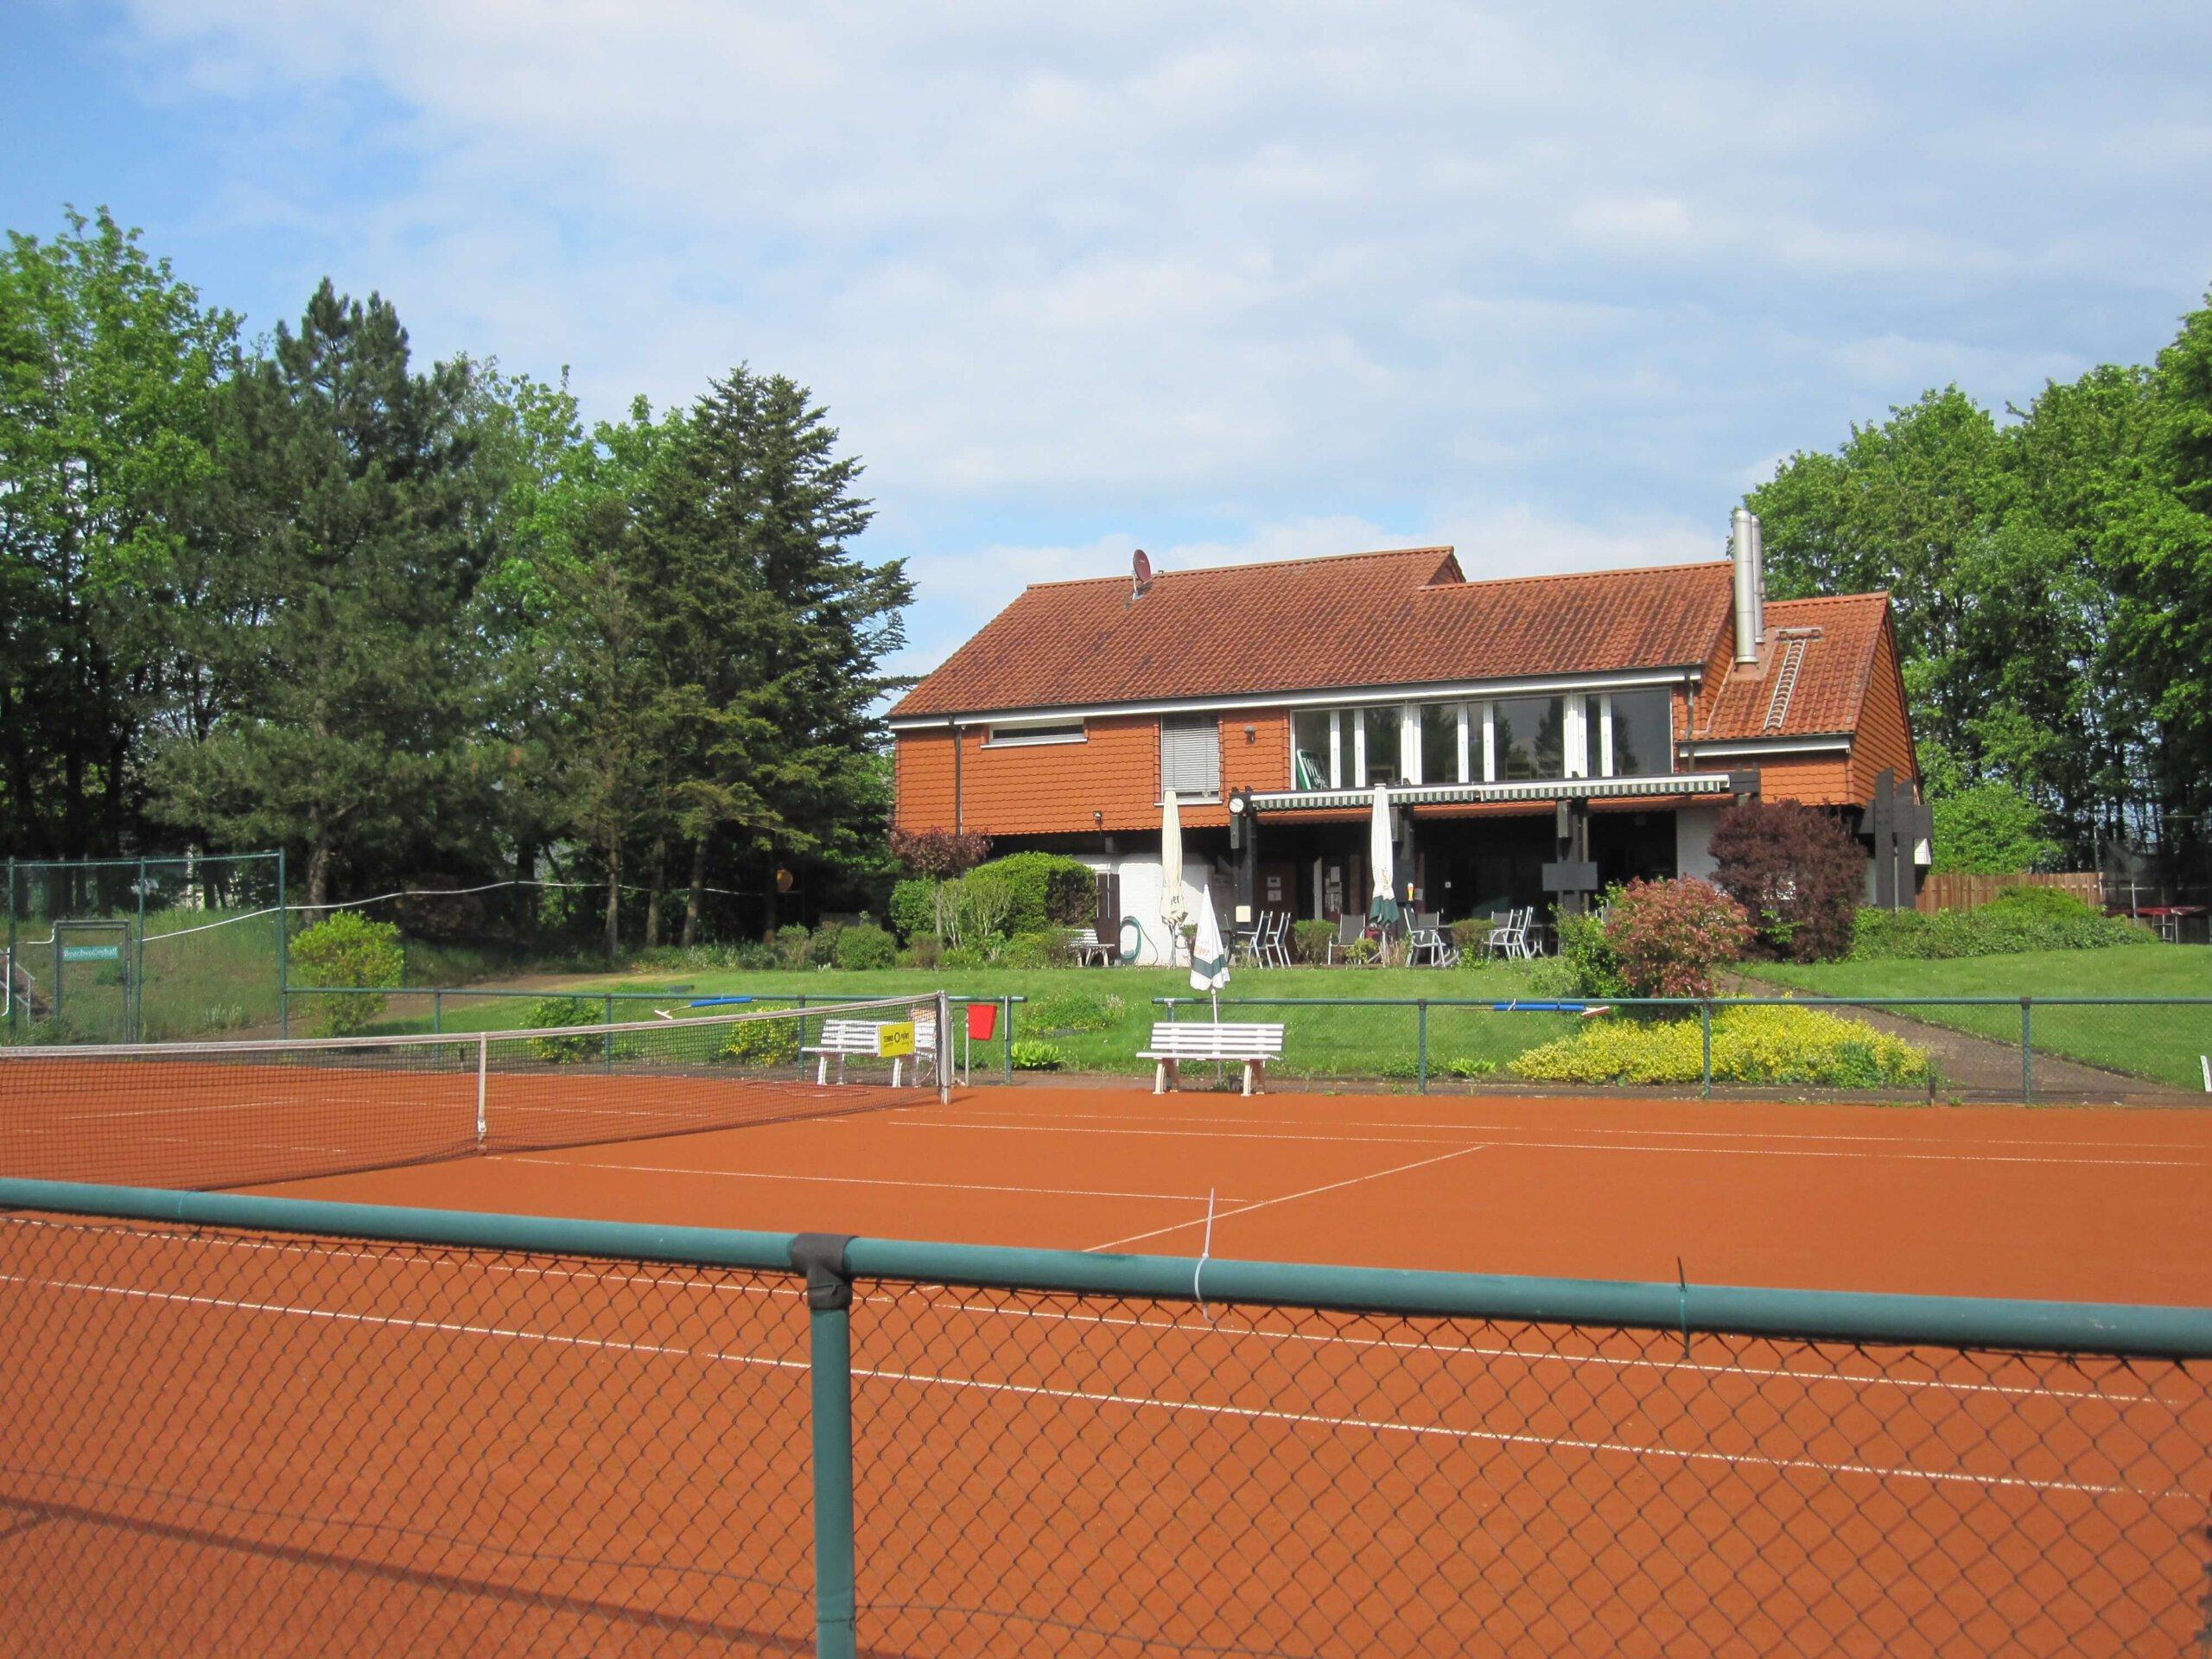 Der WTC 75 ist voraussichtlich der erste Verein im Umkreis, in dem noch in diesem Jahr auf modernen Ganzjahresplätzen mit Flutlicht Tennis gespielt werden kann. Foto: WTC